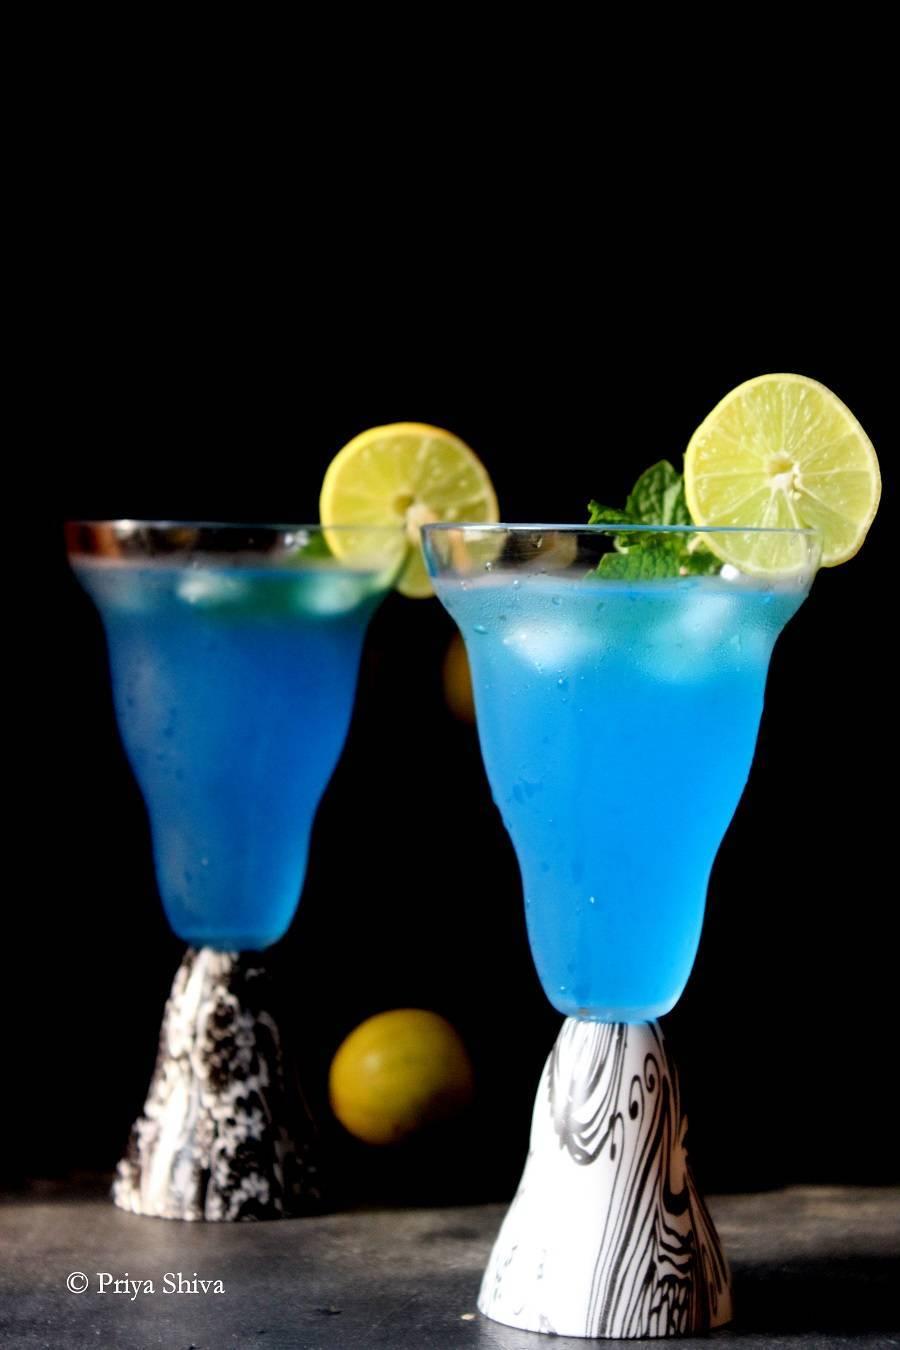 Как приготовить коктейль голубая лагуна по пошаговому рецепту